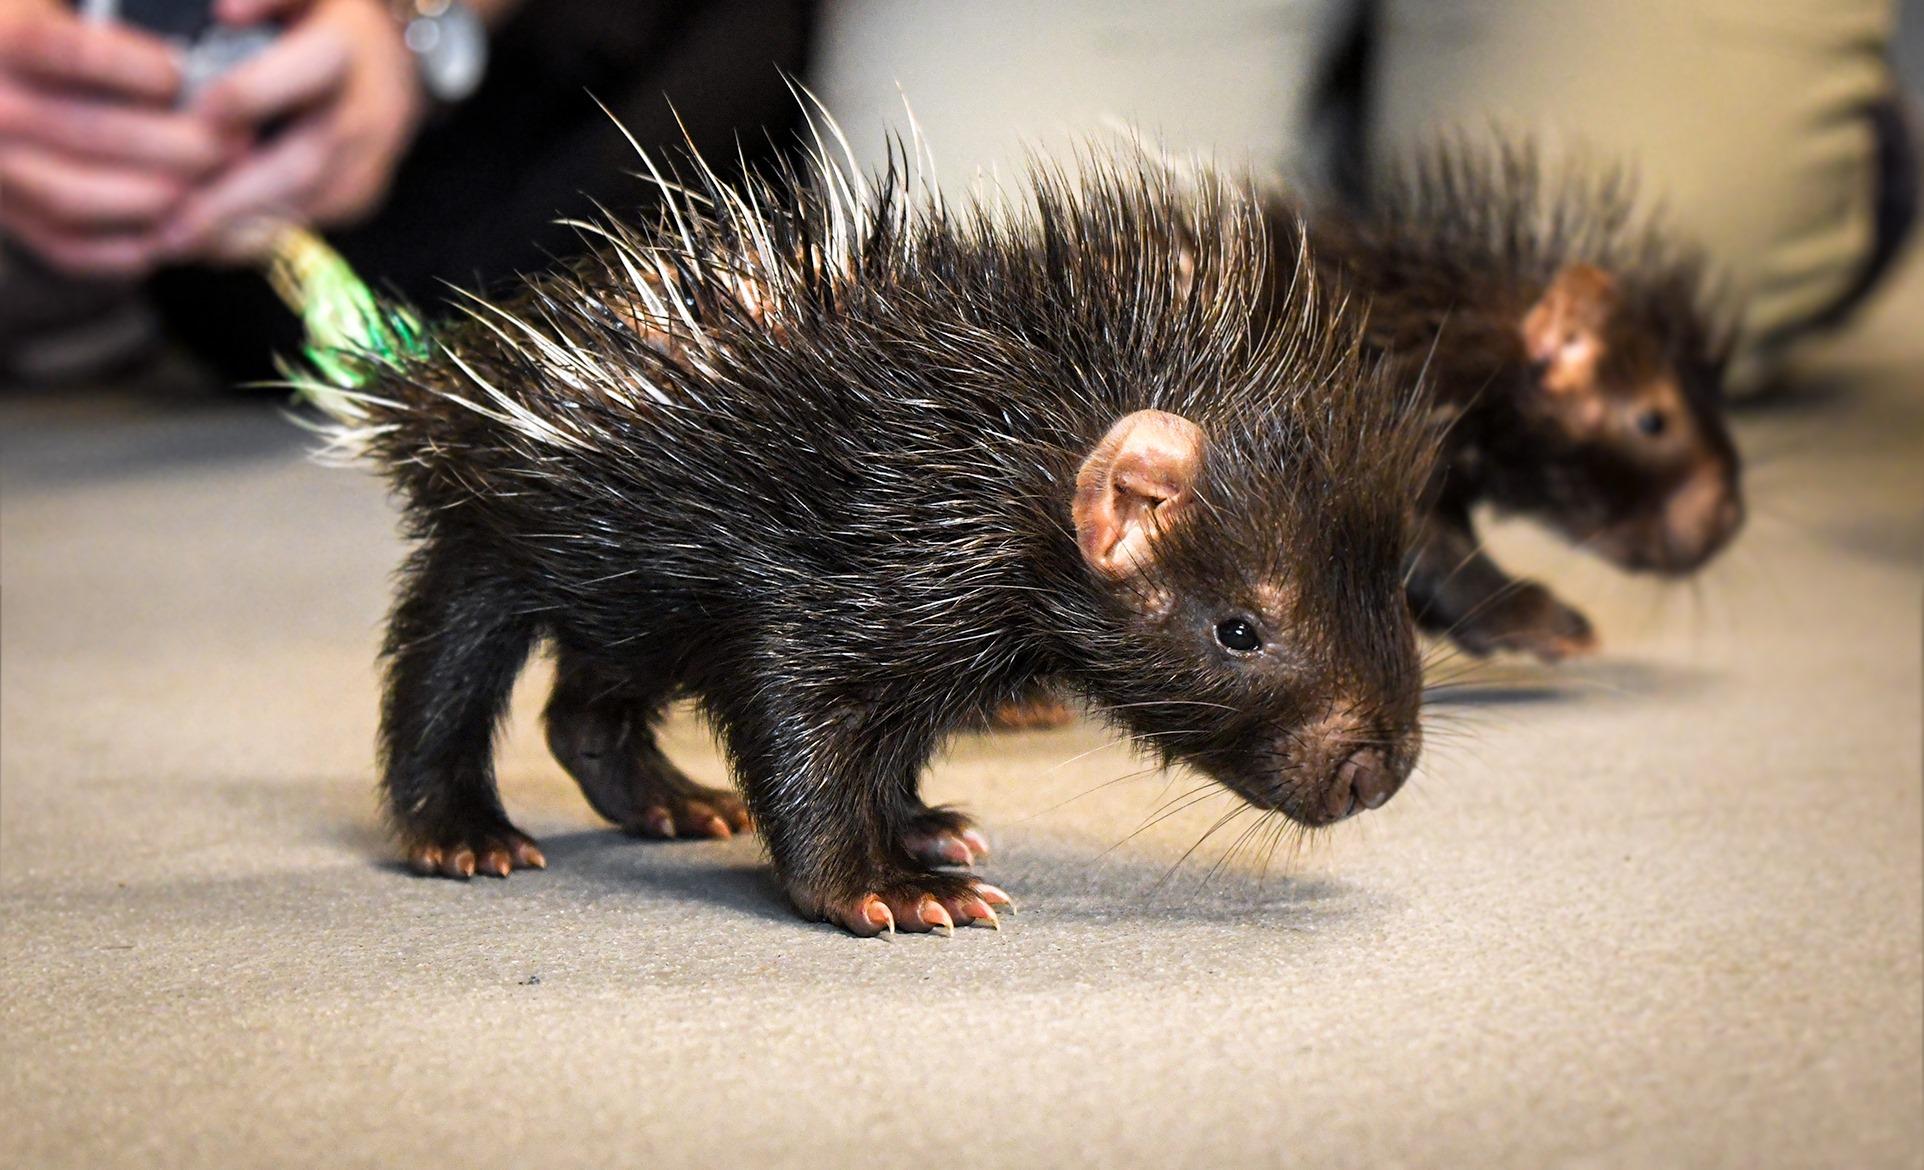 porcupettes nashville zoo